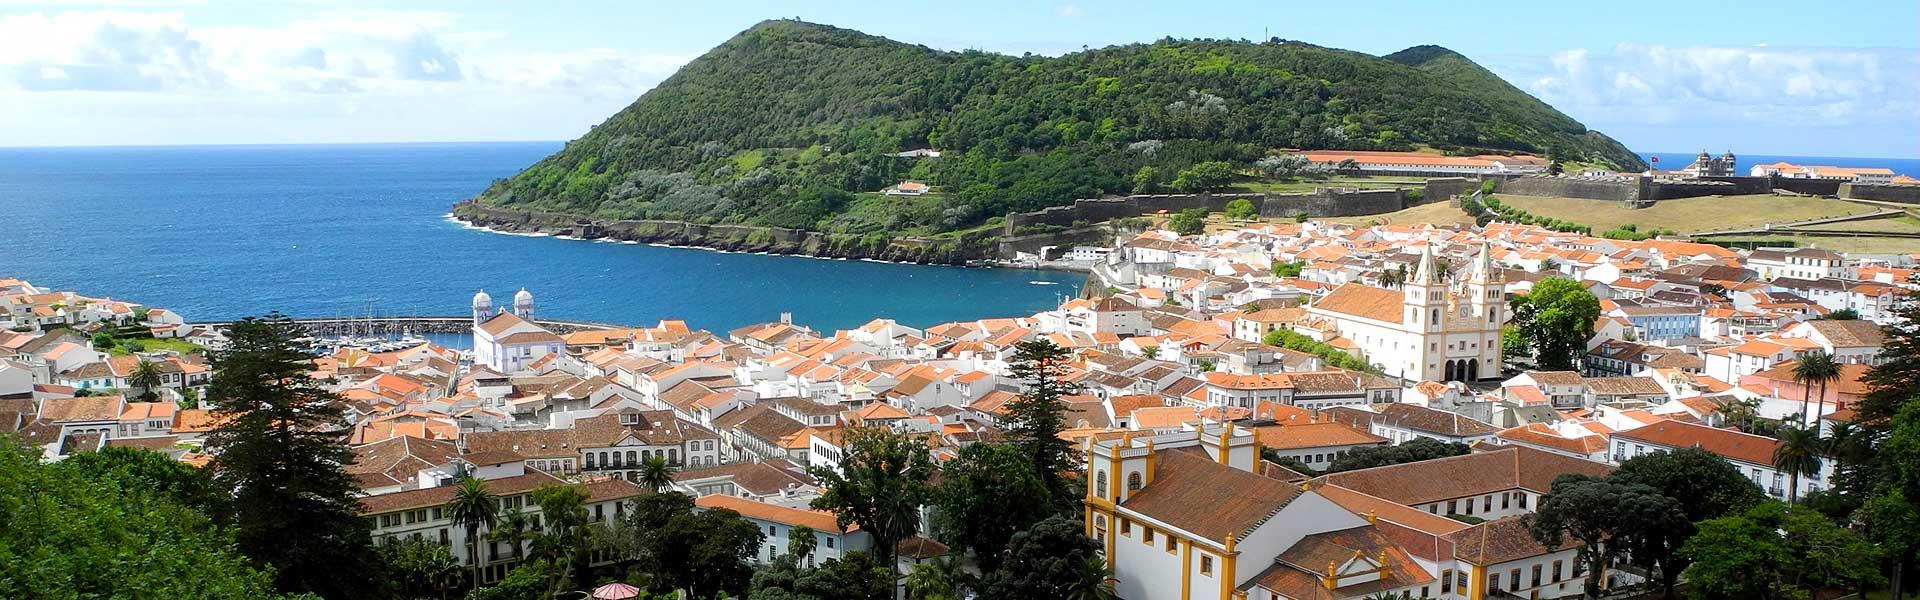 Azores bike tour town